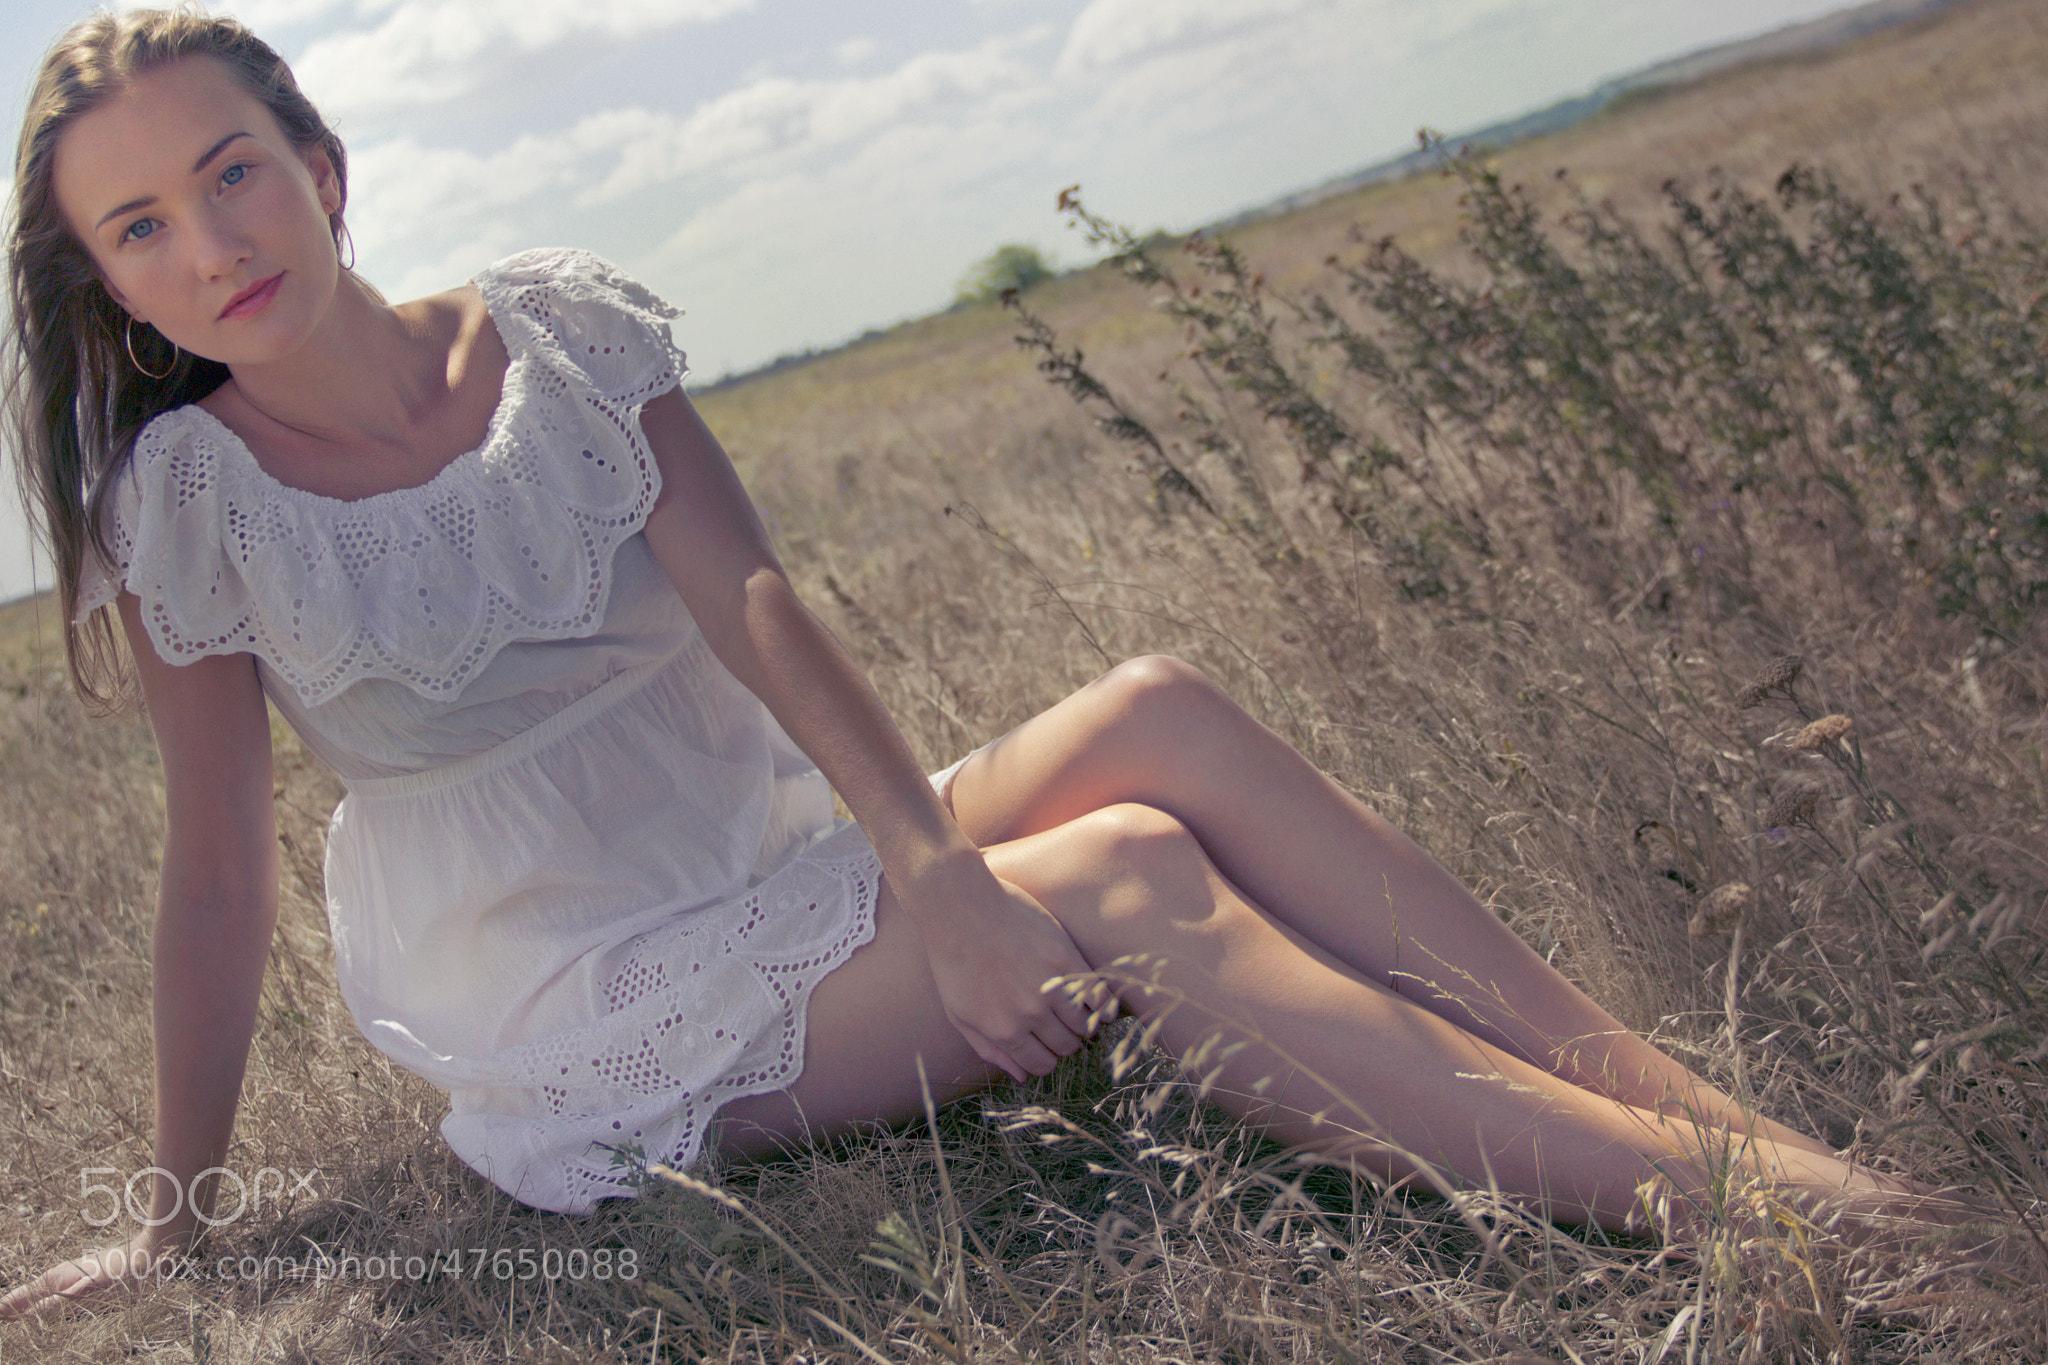 Photograph Untitled by Jenya Roslakov on 500px